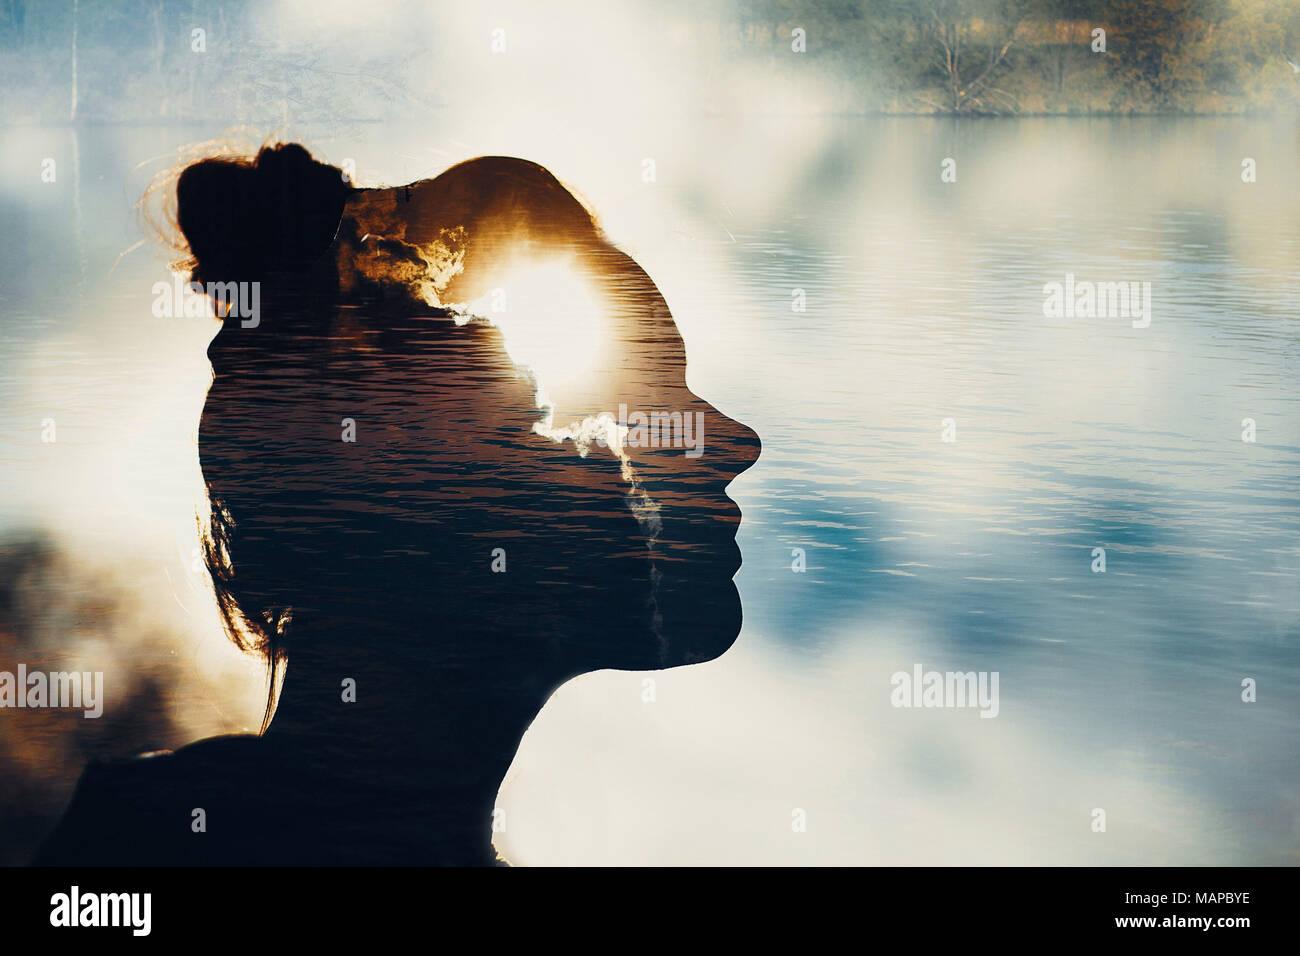 Psychologie et philosophie sens esprit concept émotion Photo Stock